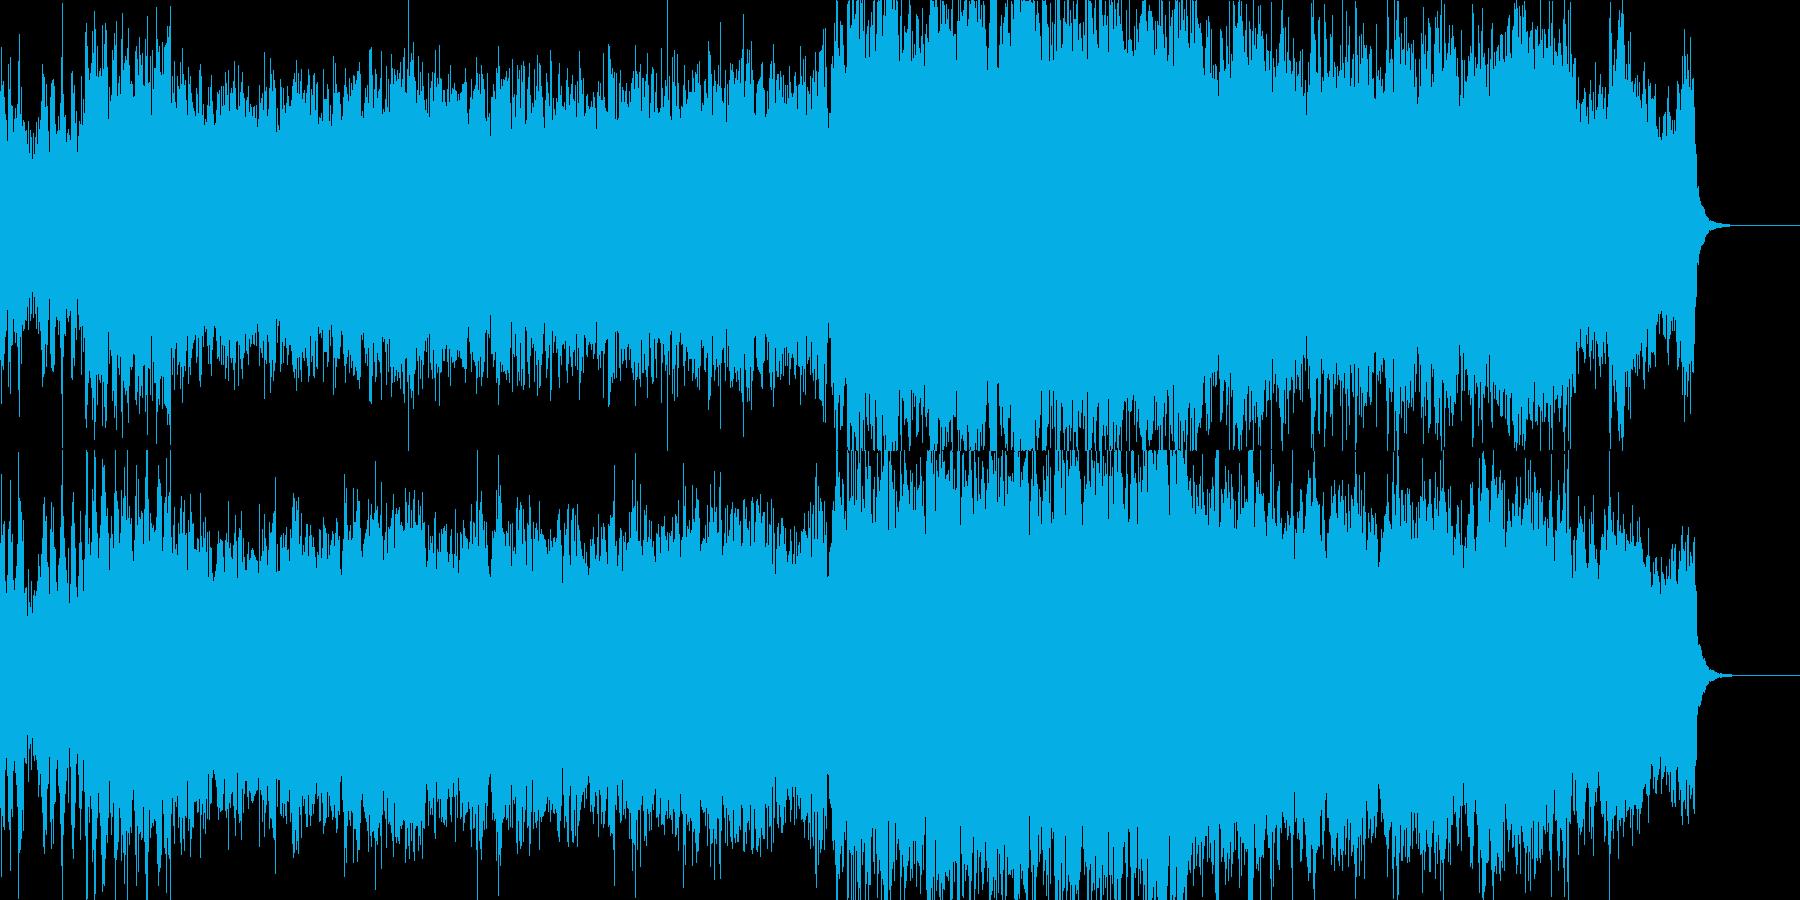 近未来なオーケストラ/テクノの再生済みの波形